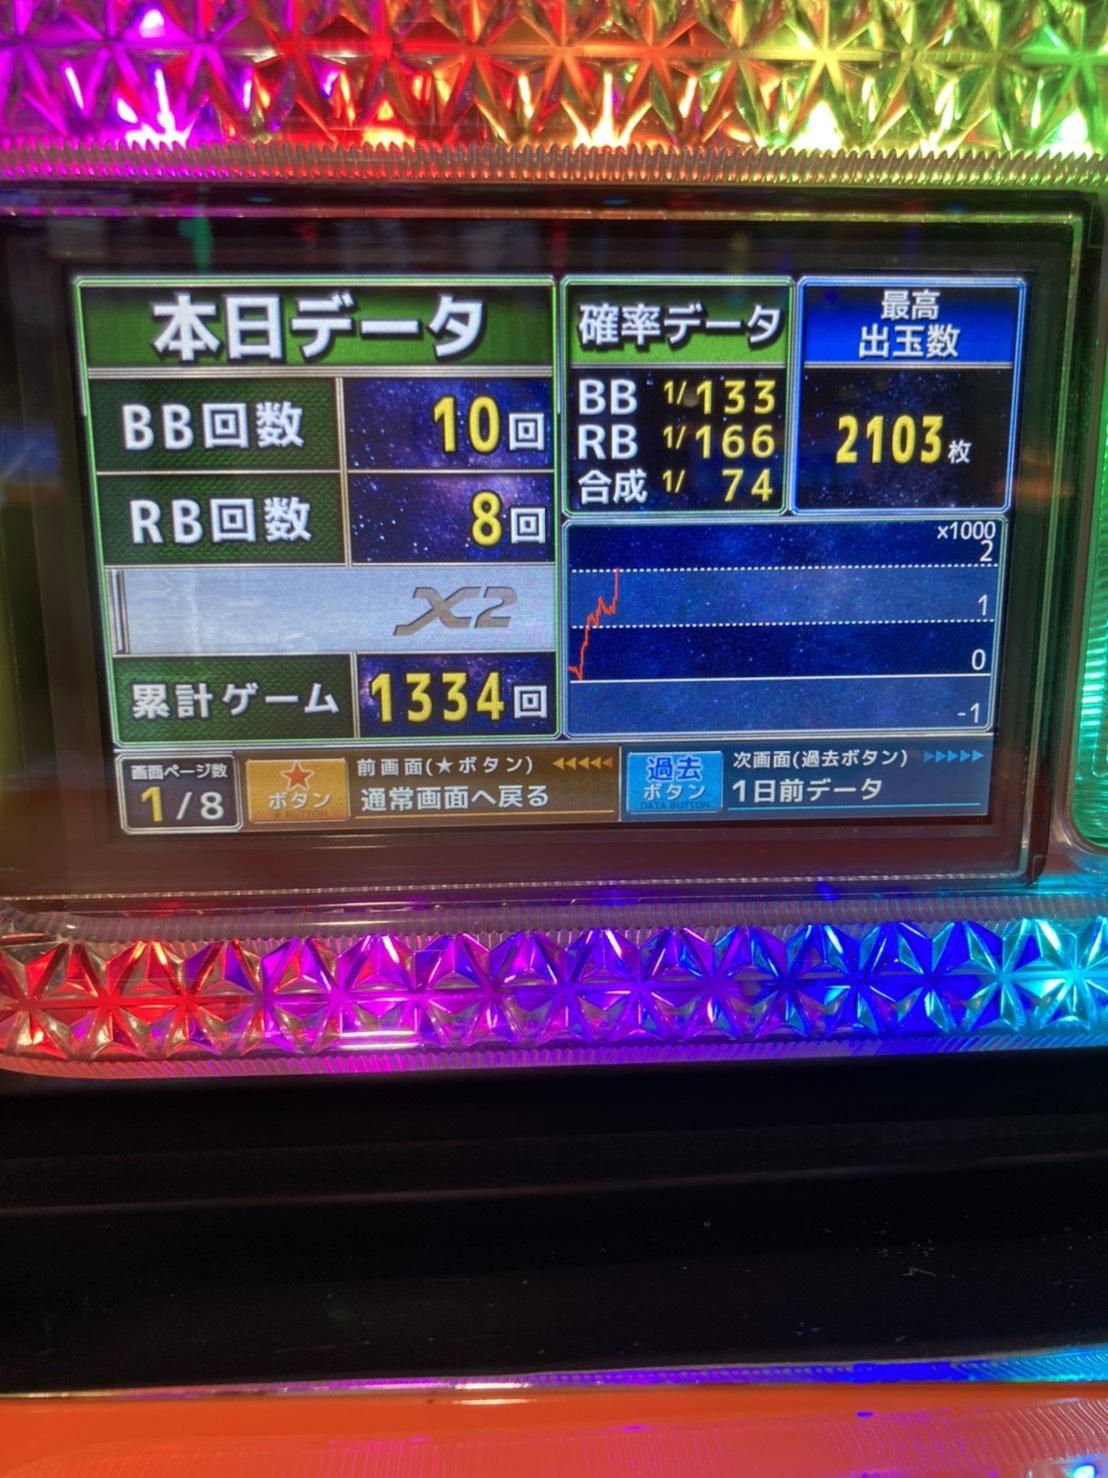 154da239be1c29679d26f6cd797d9d3d6a49c96e